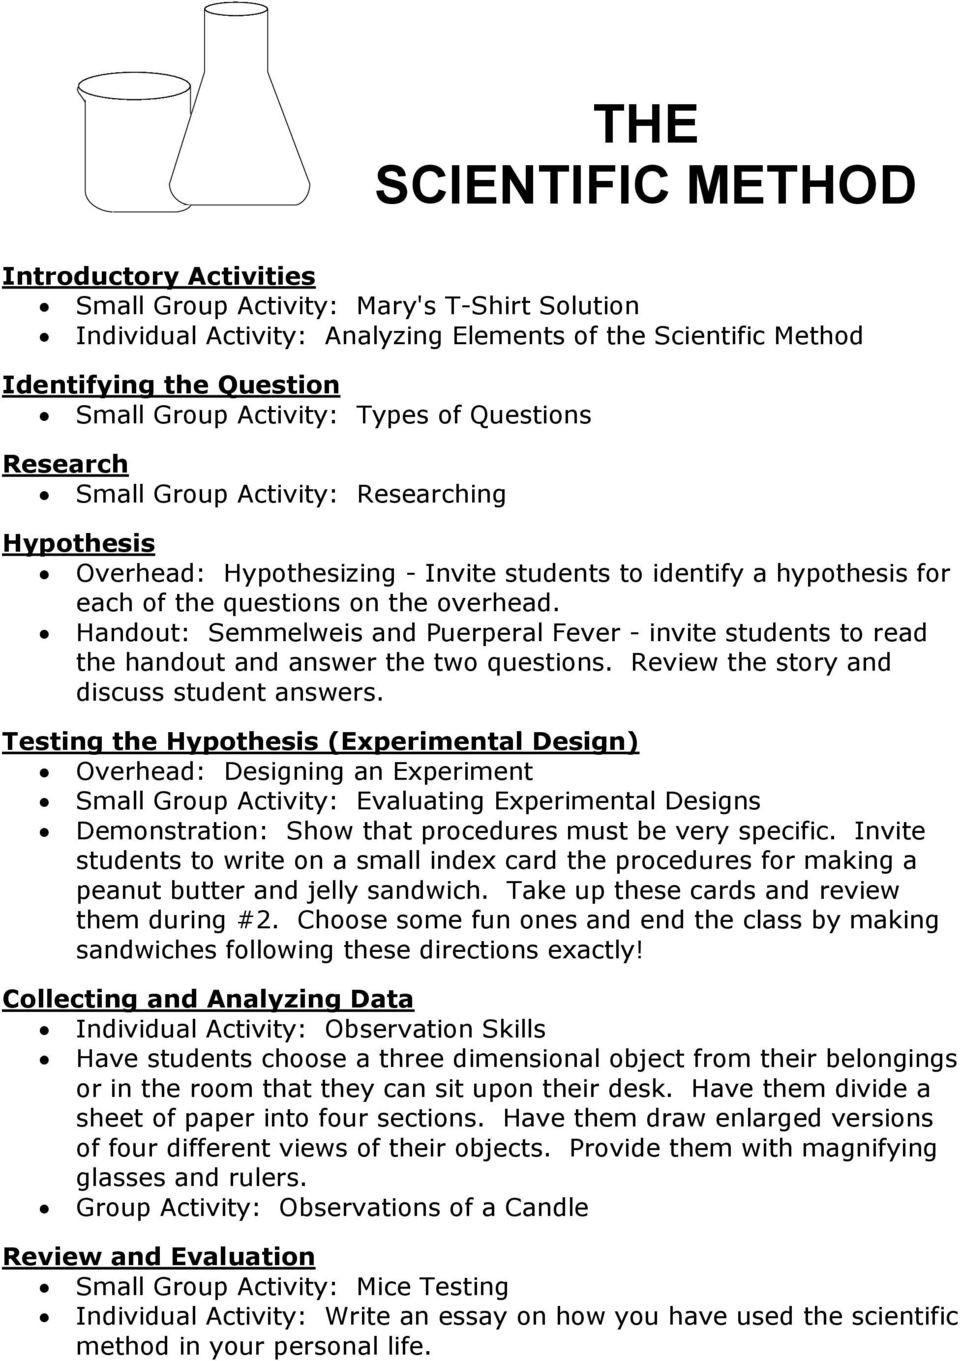 Scientific Method Review Worksheet